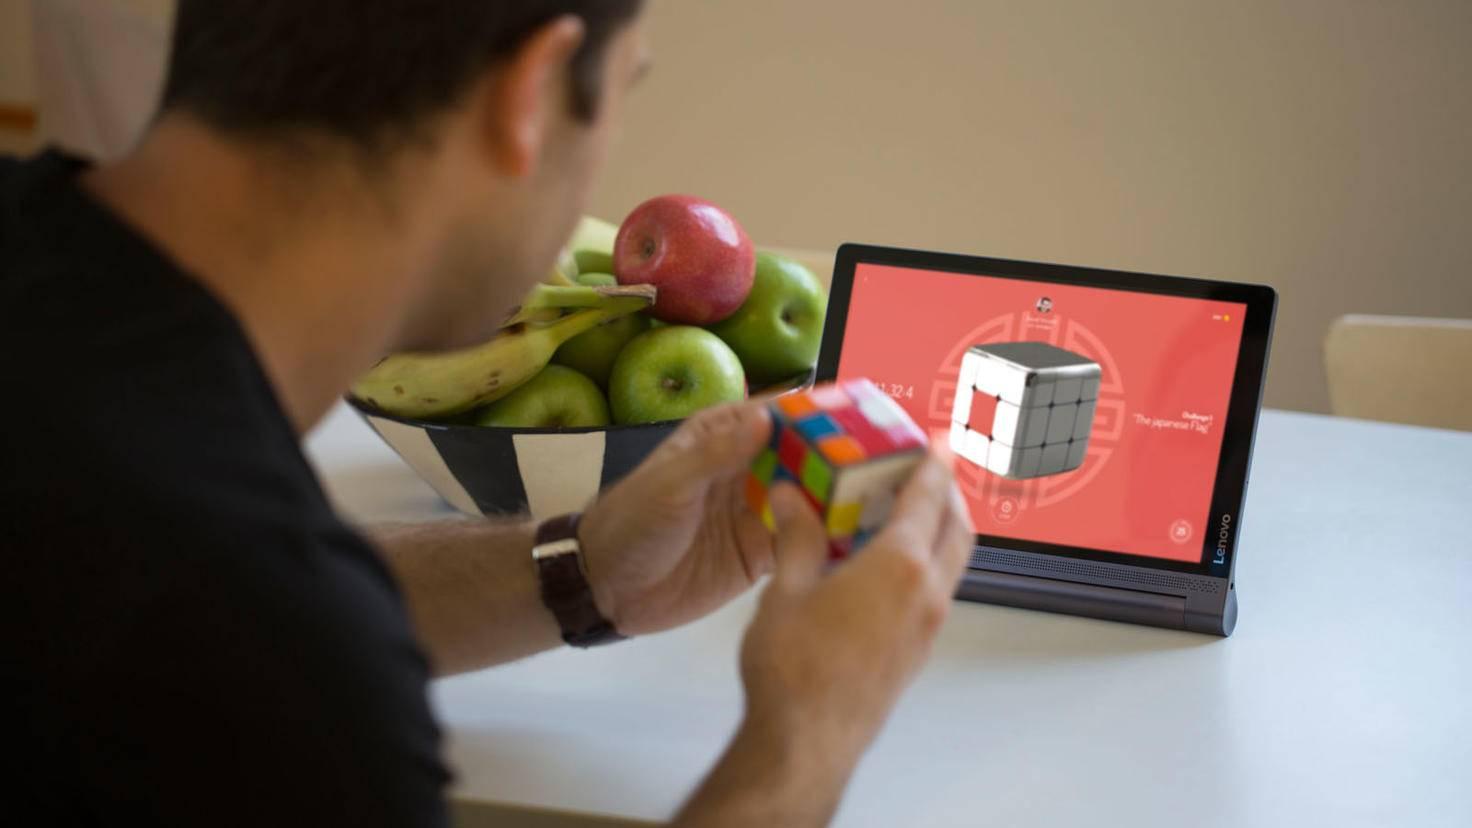 Speziell entwickelte Spiele helfen Dir dabei, Deine Fähigkeiten ganz nebenbei zu optimieren.